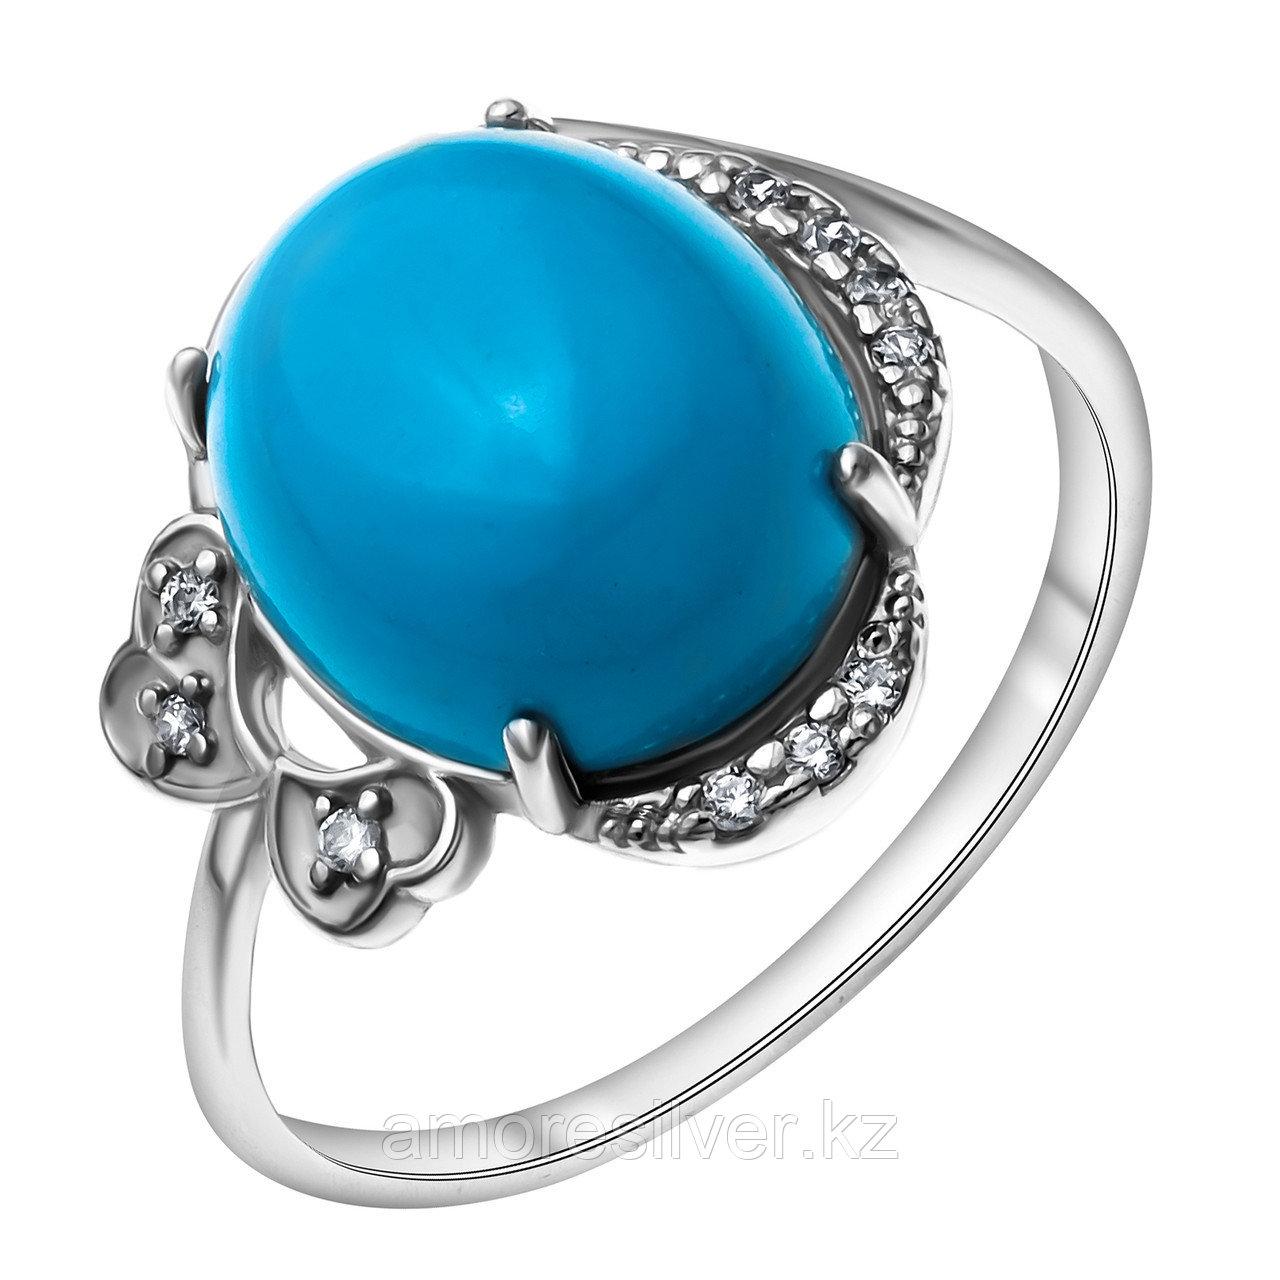 Кольцо из серебра с фианитом и бирюзой  Приволжский Ювелир 261325-TQ